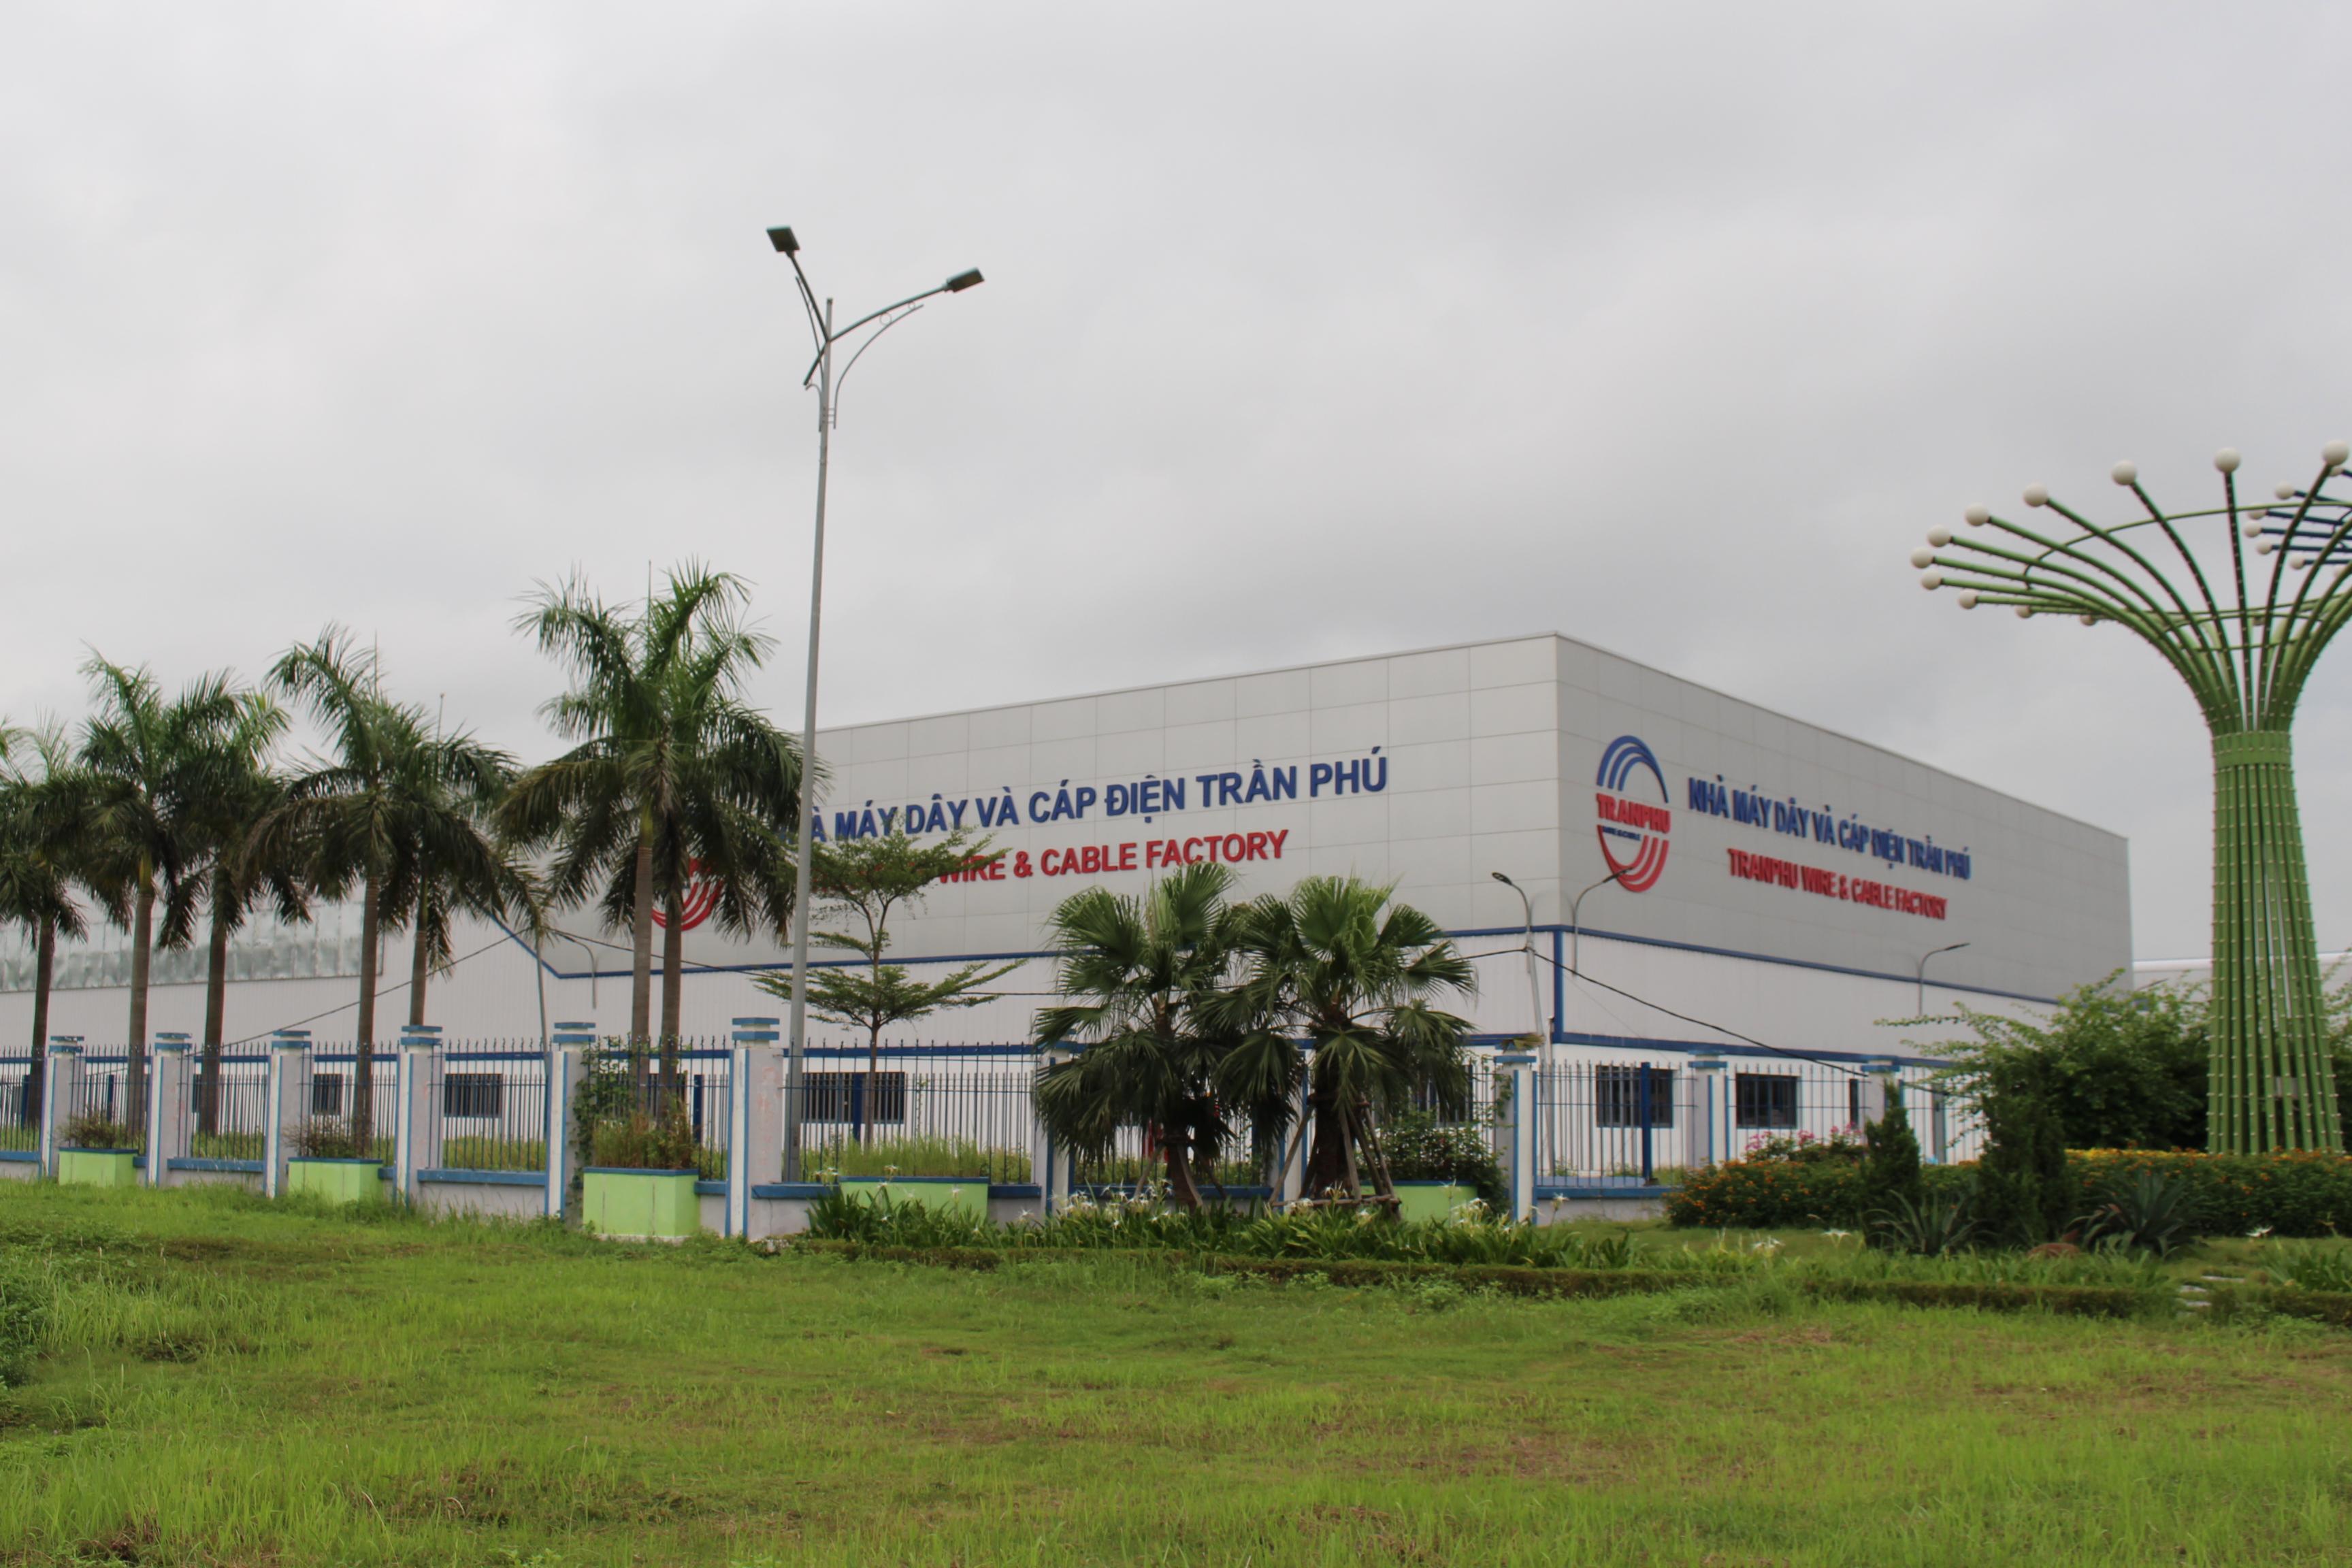 Bê tông Hợp Thành đồng hành cùng nhà máy sản xuất dây cáp điện Trần Phú Hải Dương